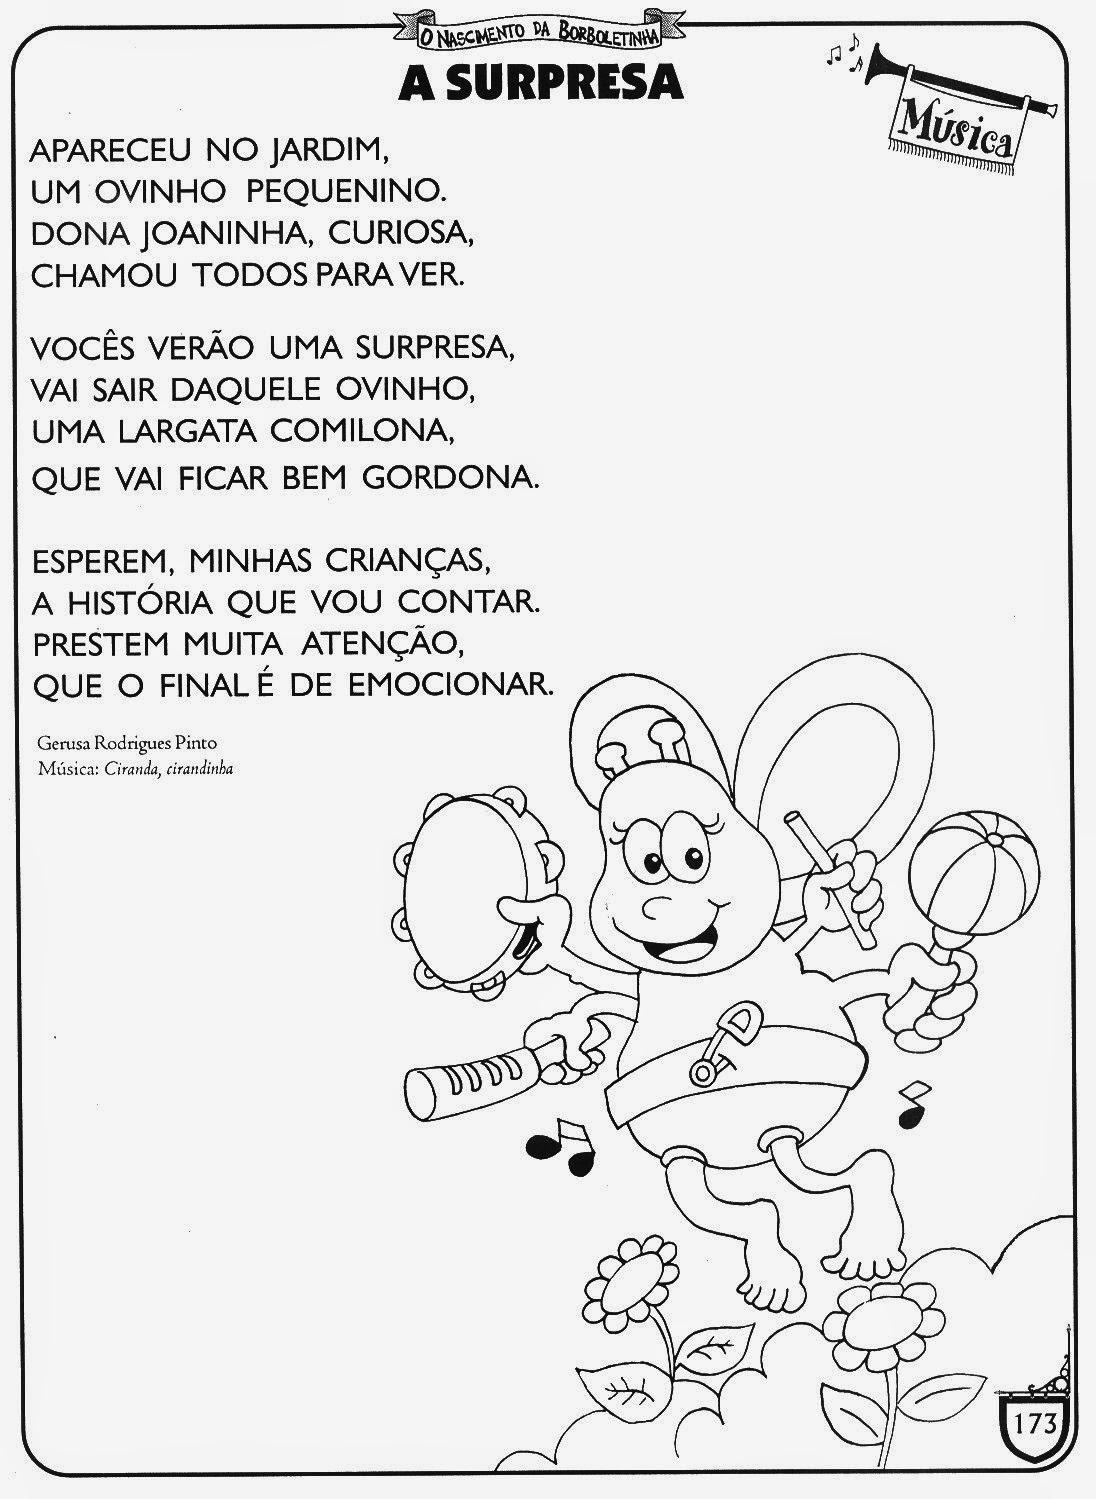 Musica Parabens A Voce Pdf